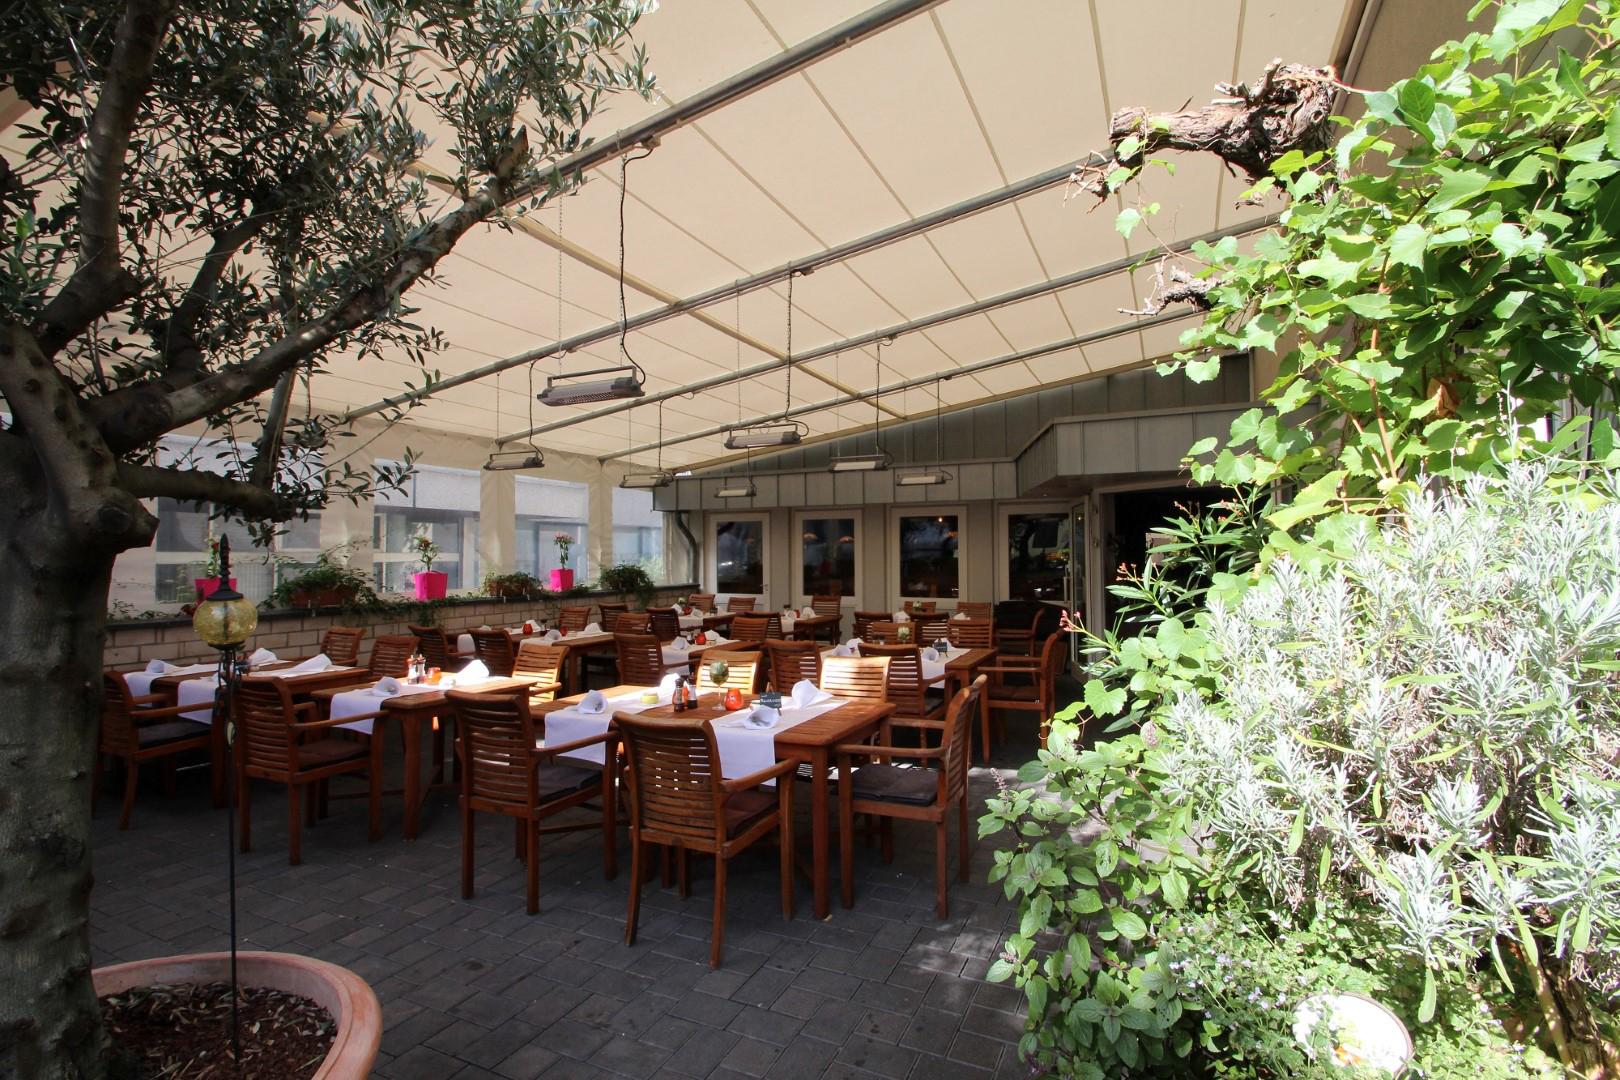 Auf dem Bild sieht man die Terrasse vom Restaurant Peperoni zu sehen